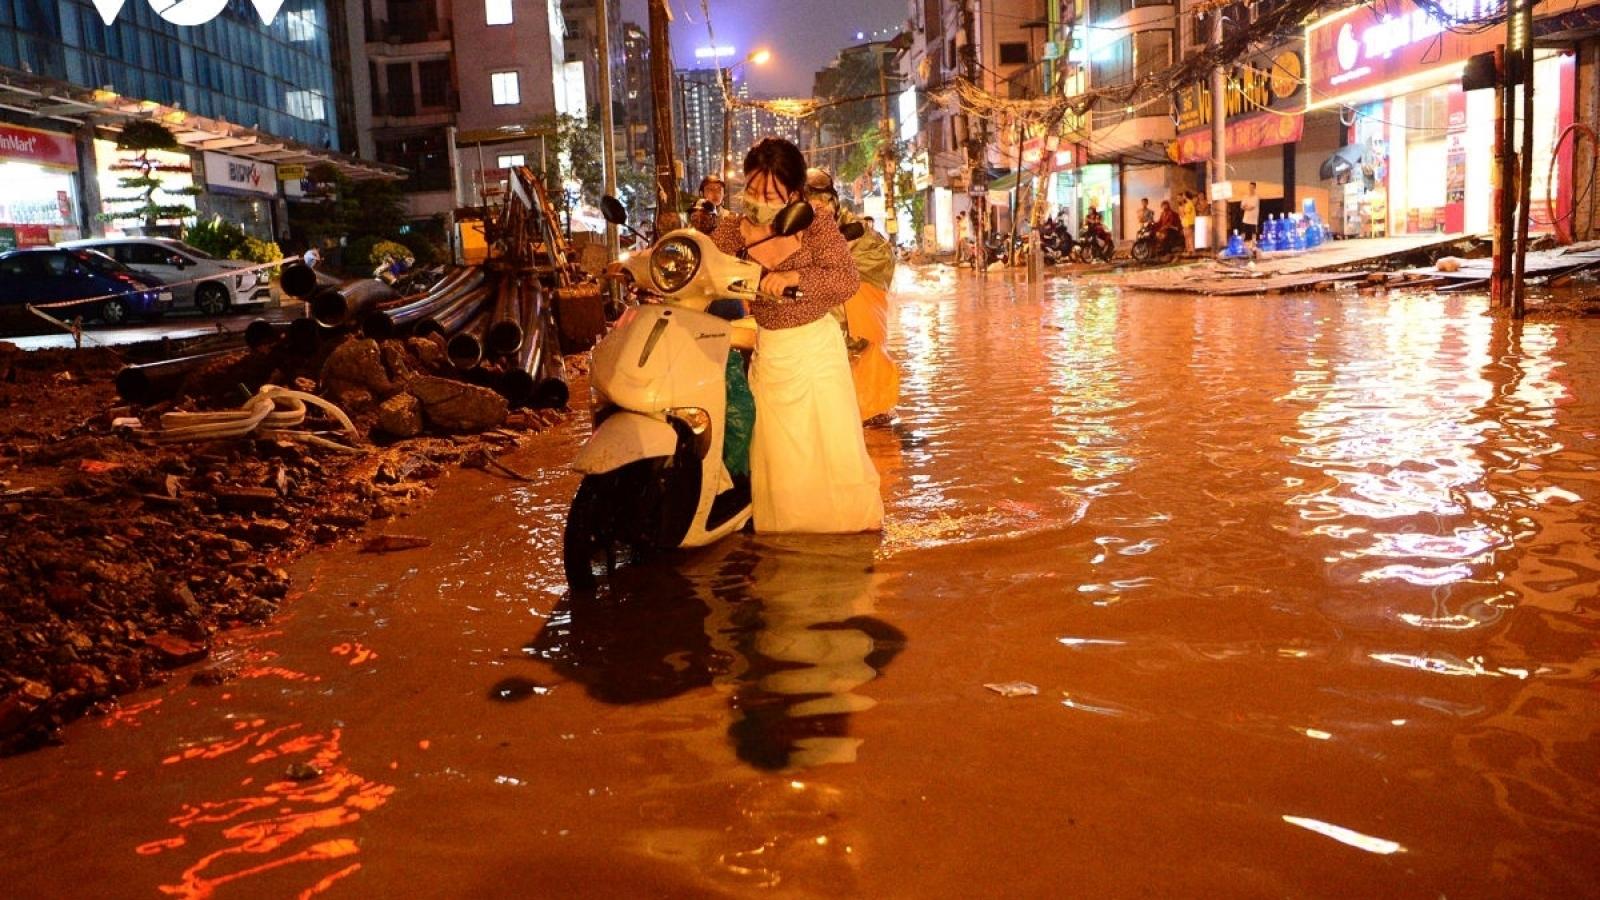 Giải pháp nào giảm ngập úng cho Hà Nội trước mùa mưa bão